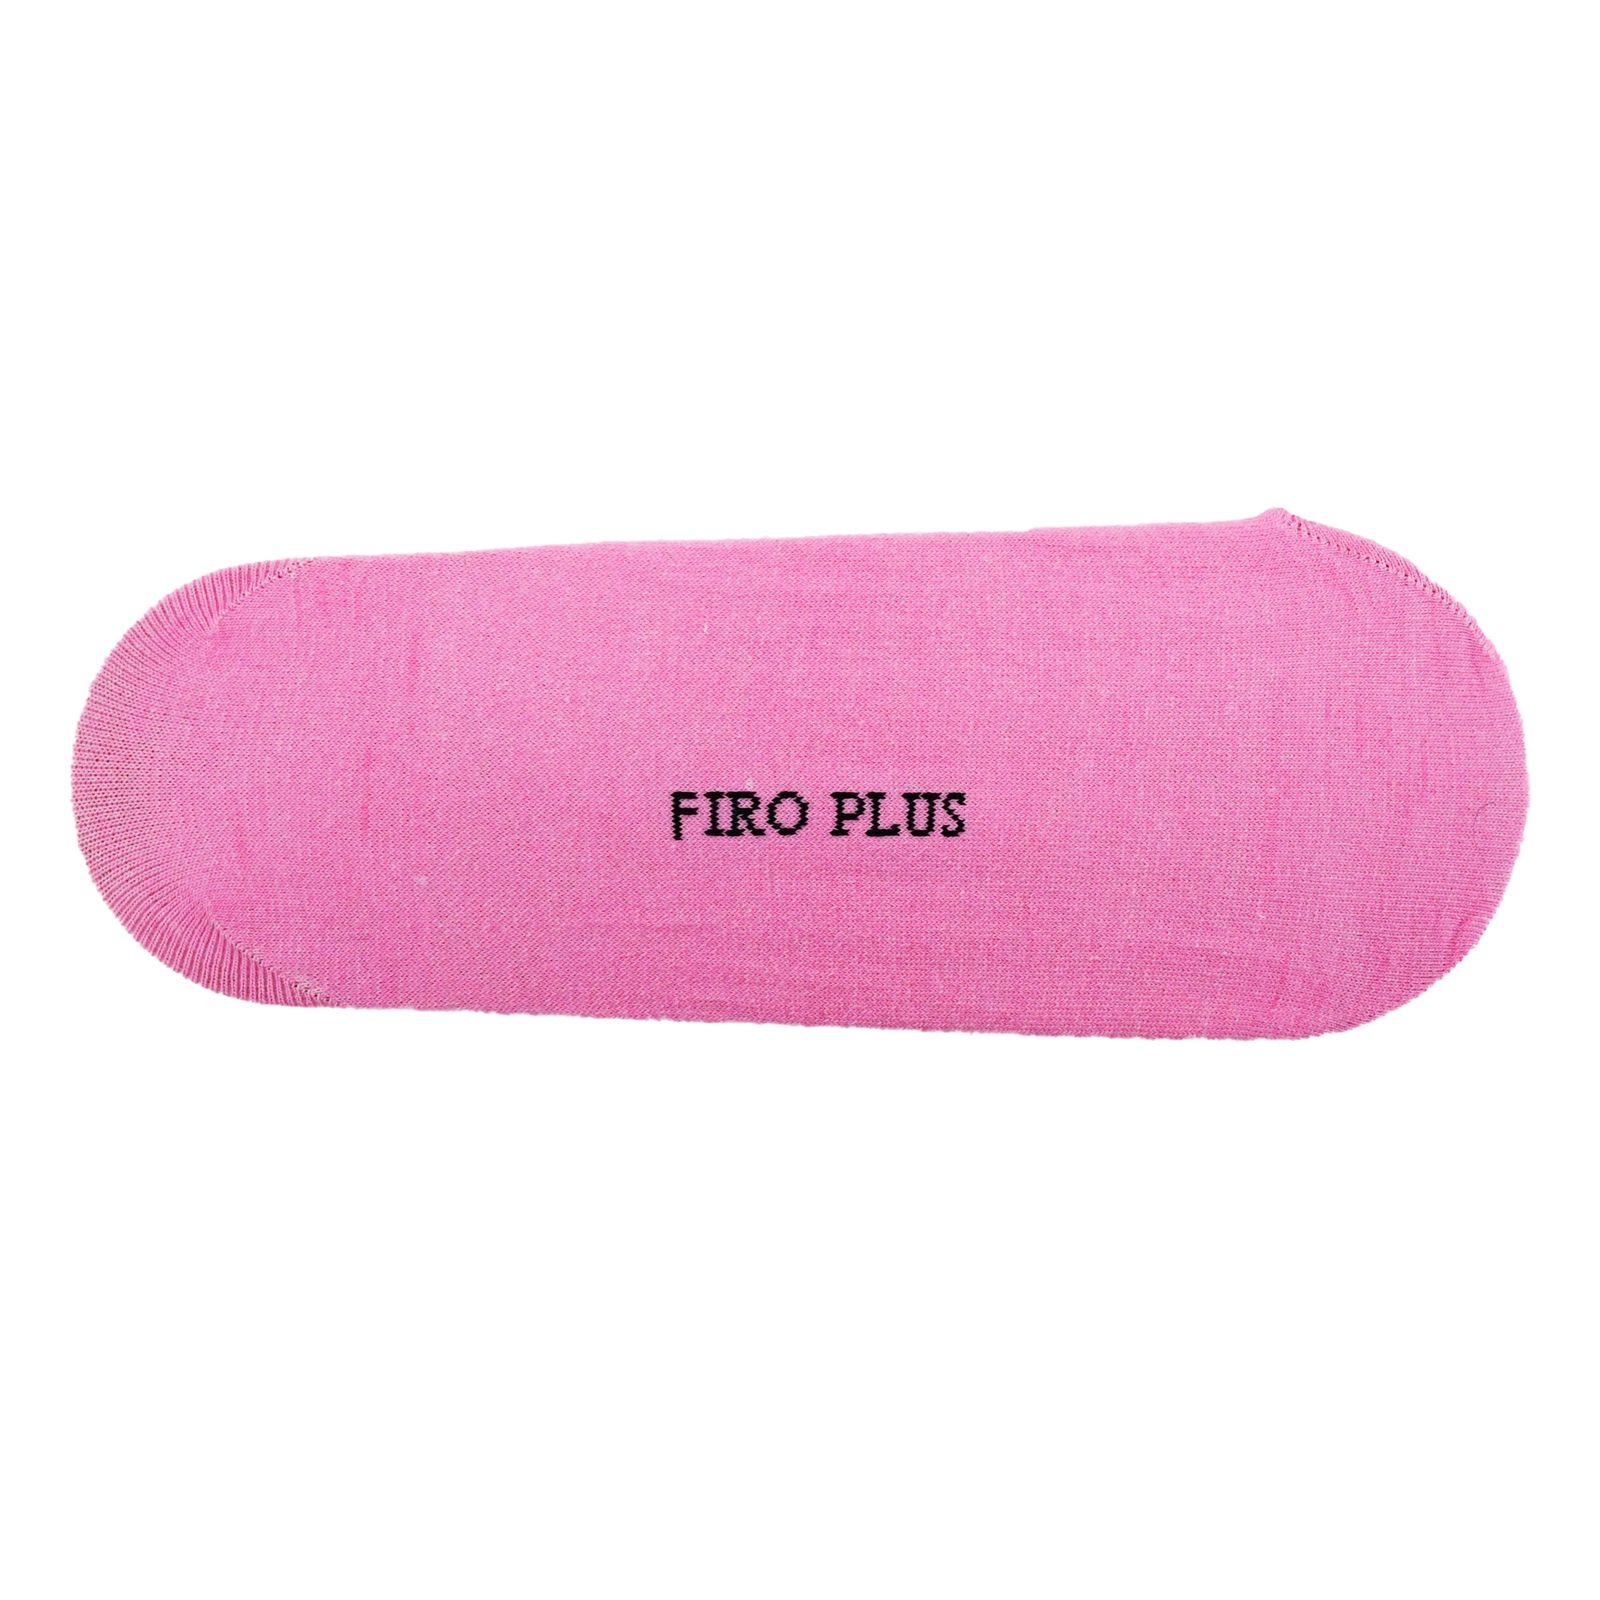 جوراب زنانه فیرو پلاس مدل KL601 مجموعه 6 عددی -  - 6